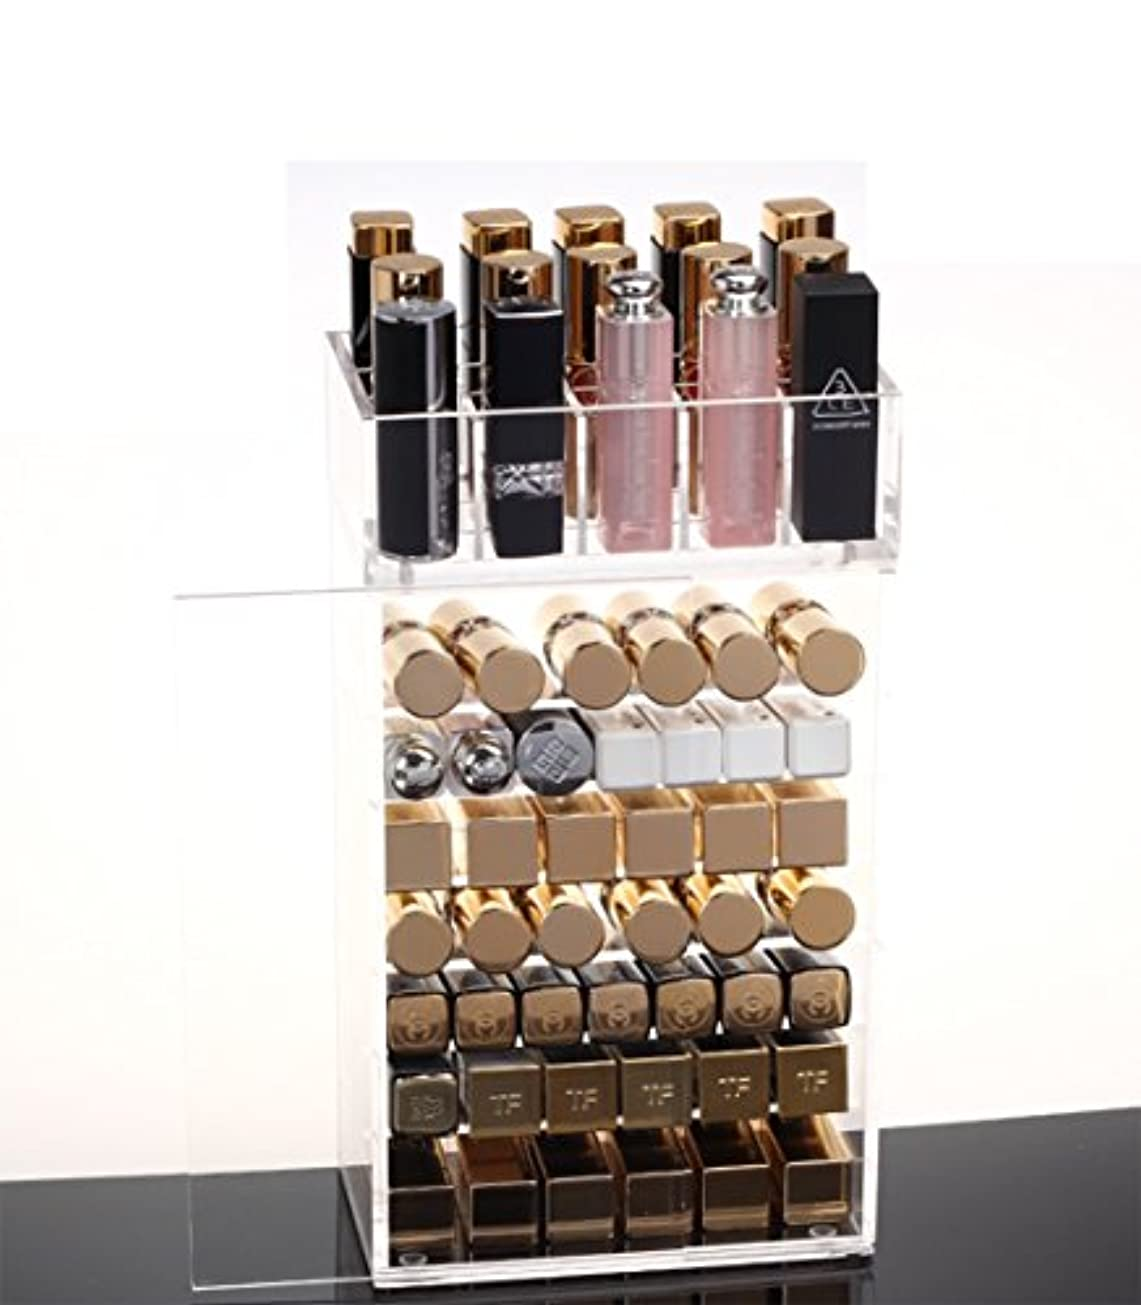 フルート葡萄摂氏SZTulip 化粧品収納ボックス メイクケース メイクボックス 口紅収納 ネイルカラー小物入れ レディース  透明アクリル 防塵ドア付き コスメボックス